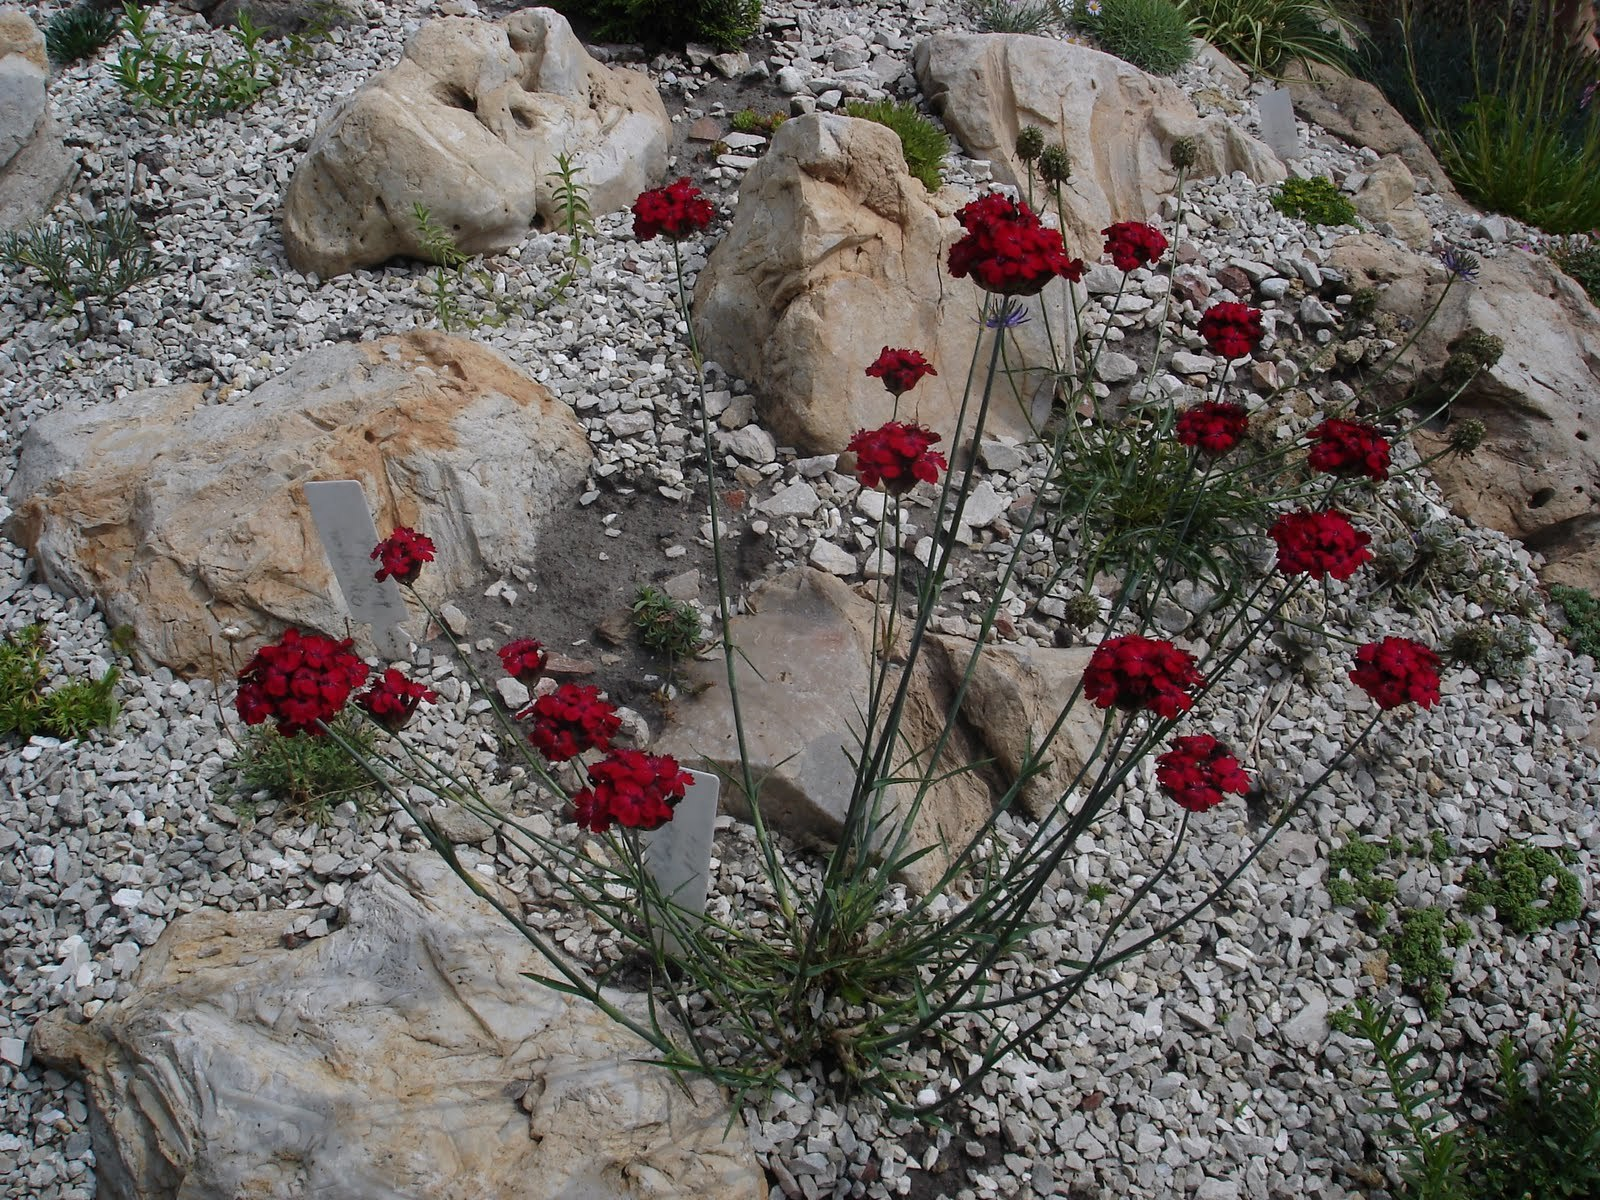 Устанавливаем камни на созданные опоры и укрепляем подсыпкой и уплотнением земли. Камни должны быть заглублены в грунт не менее, чем на 1/3 и не более, чем на 2/3.